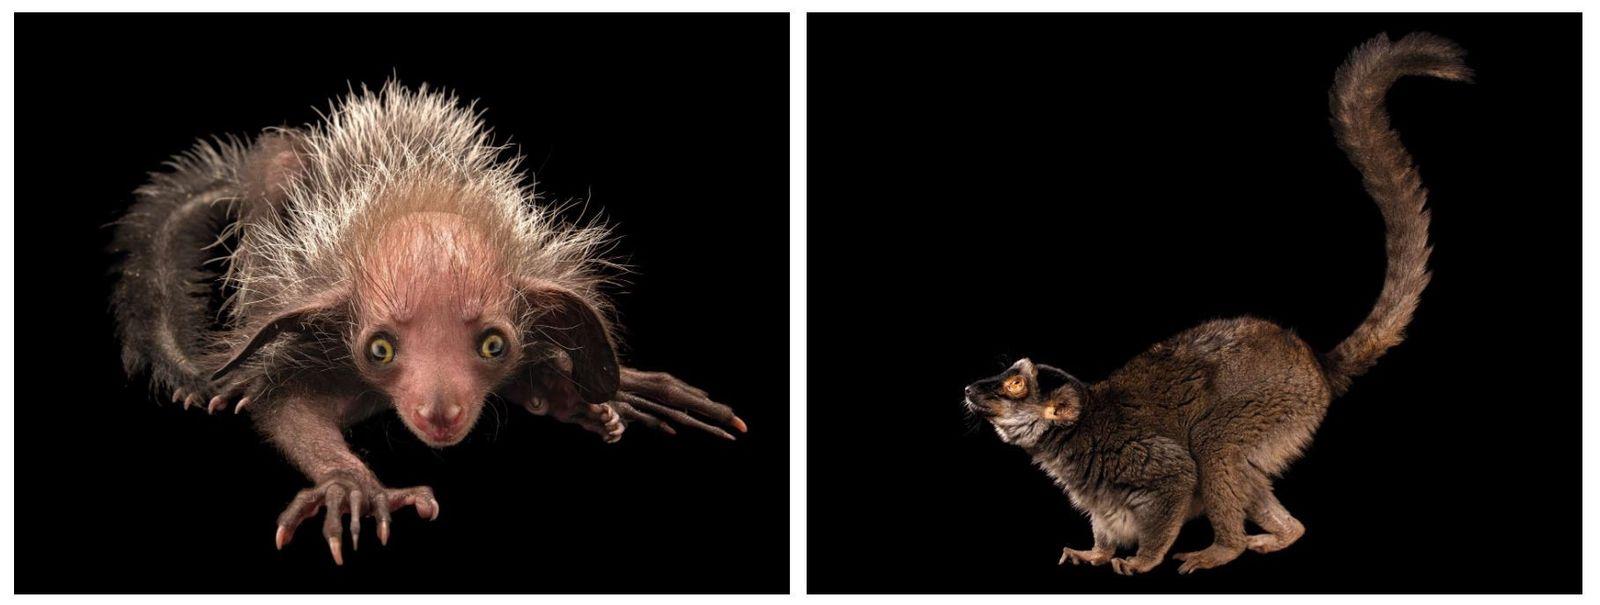 Esquerda: Aie-aie, Daubentonia madagascariensis (em perigo)  Apesar de raro, este lémure – o maior primata noturno ...